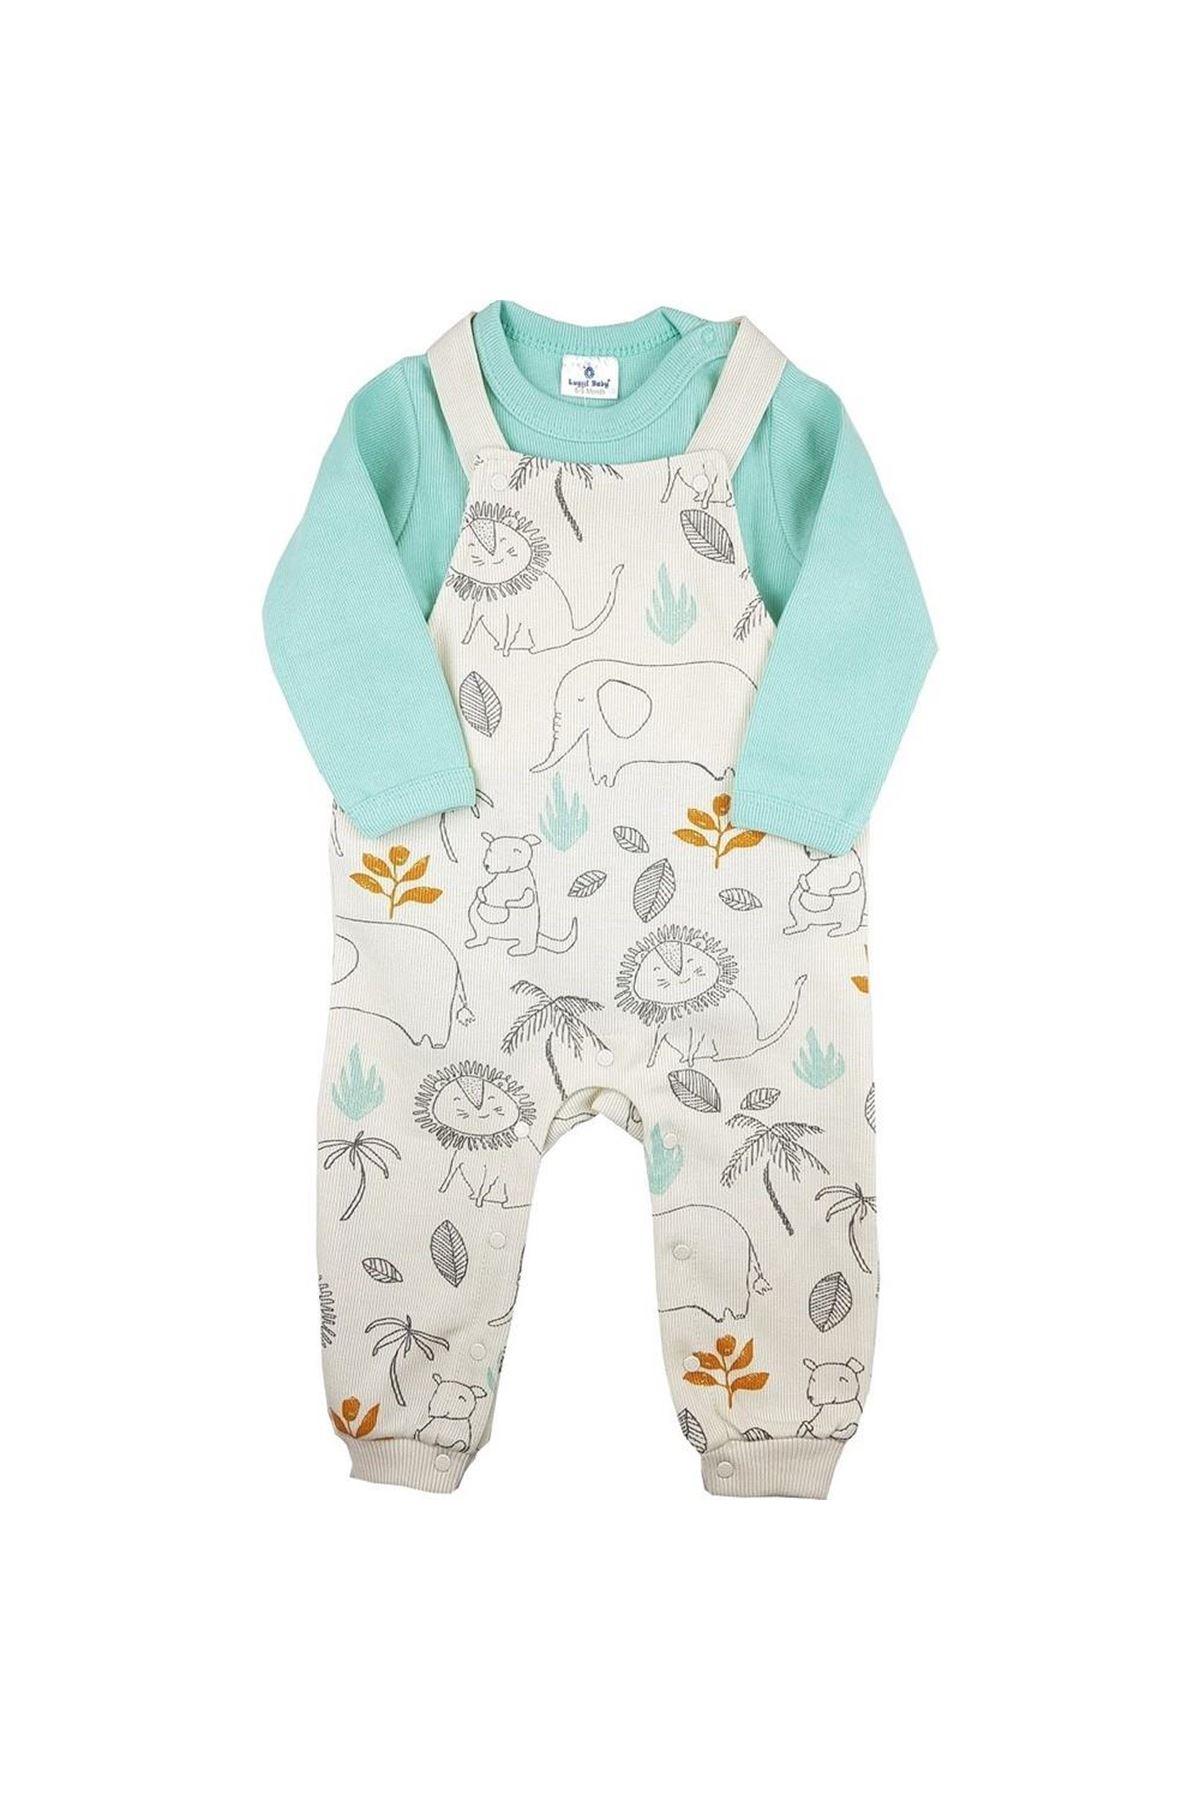 Luggi Baby Selanik Salopet Bebe Takım LG-6108 Karışık Renkli